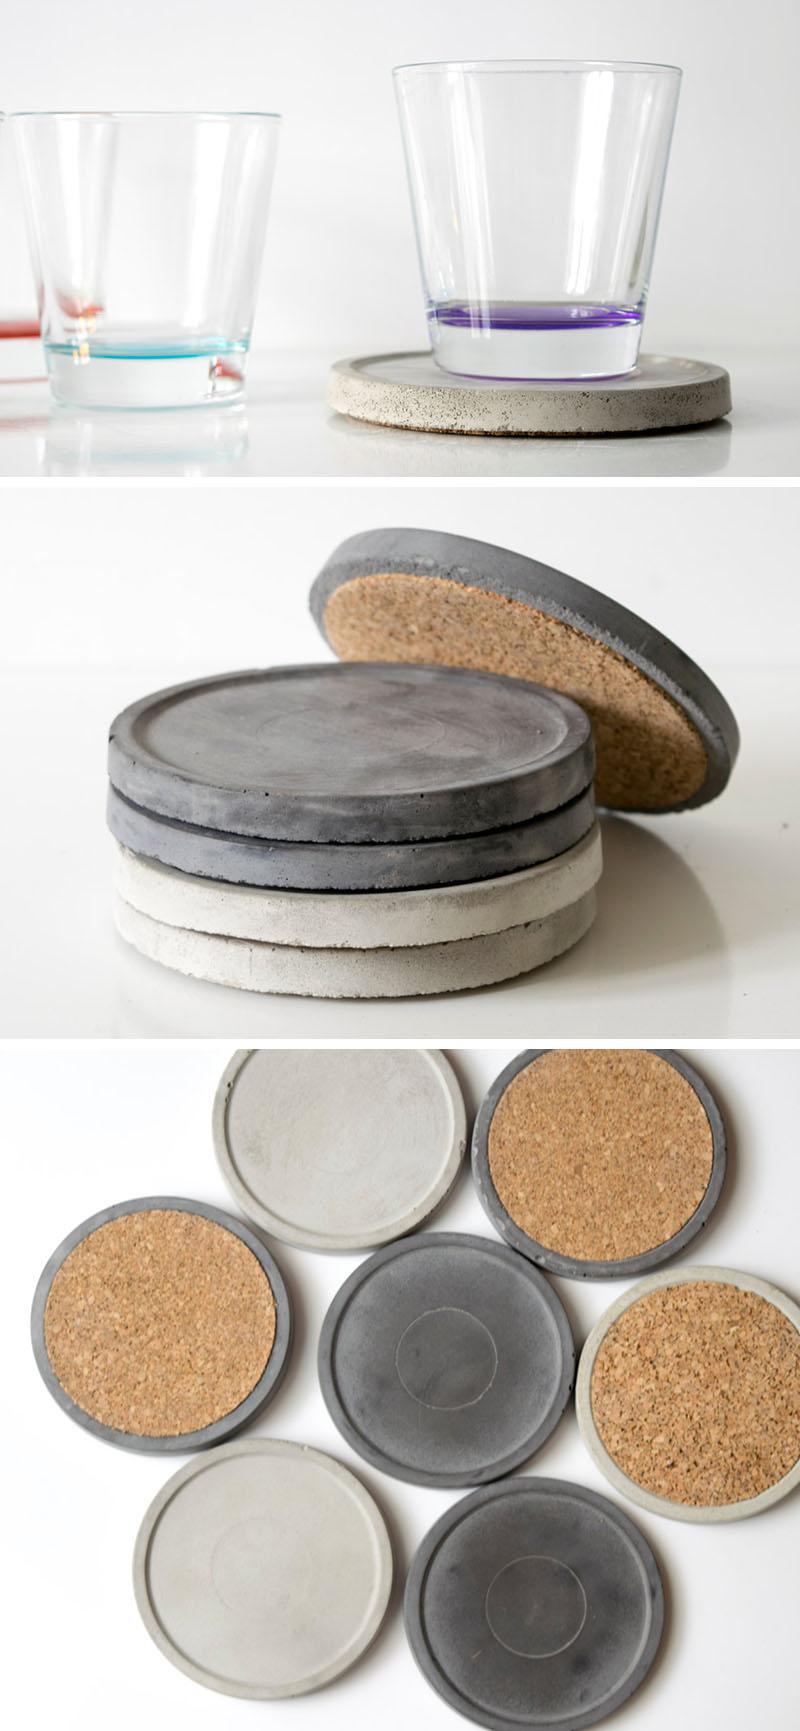 7 комплектов бетонных подставок, которые будут защищать ваш стол, и при этом стильно выглядеть